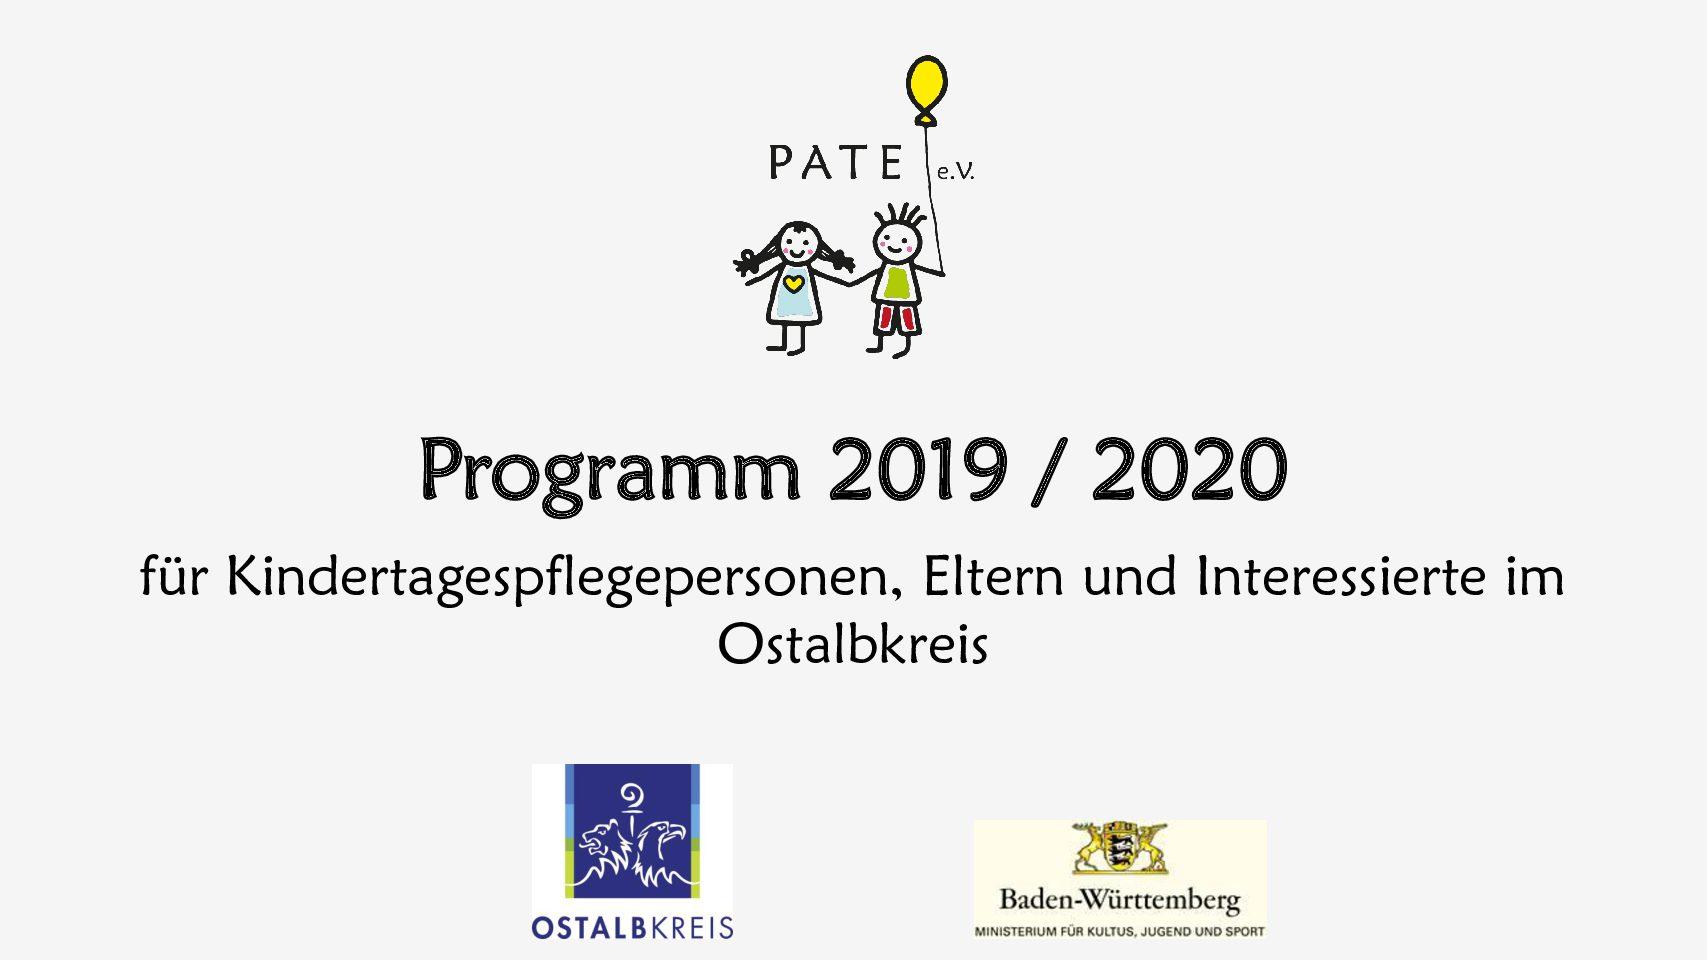 Neues Programm 2019 / 2020 PATE e.V.